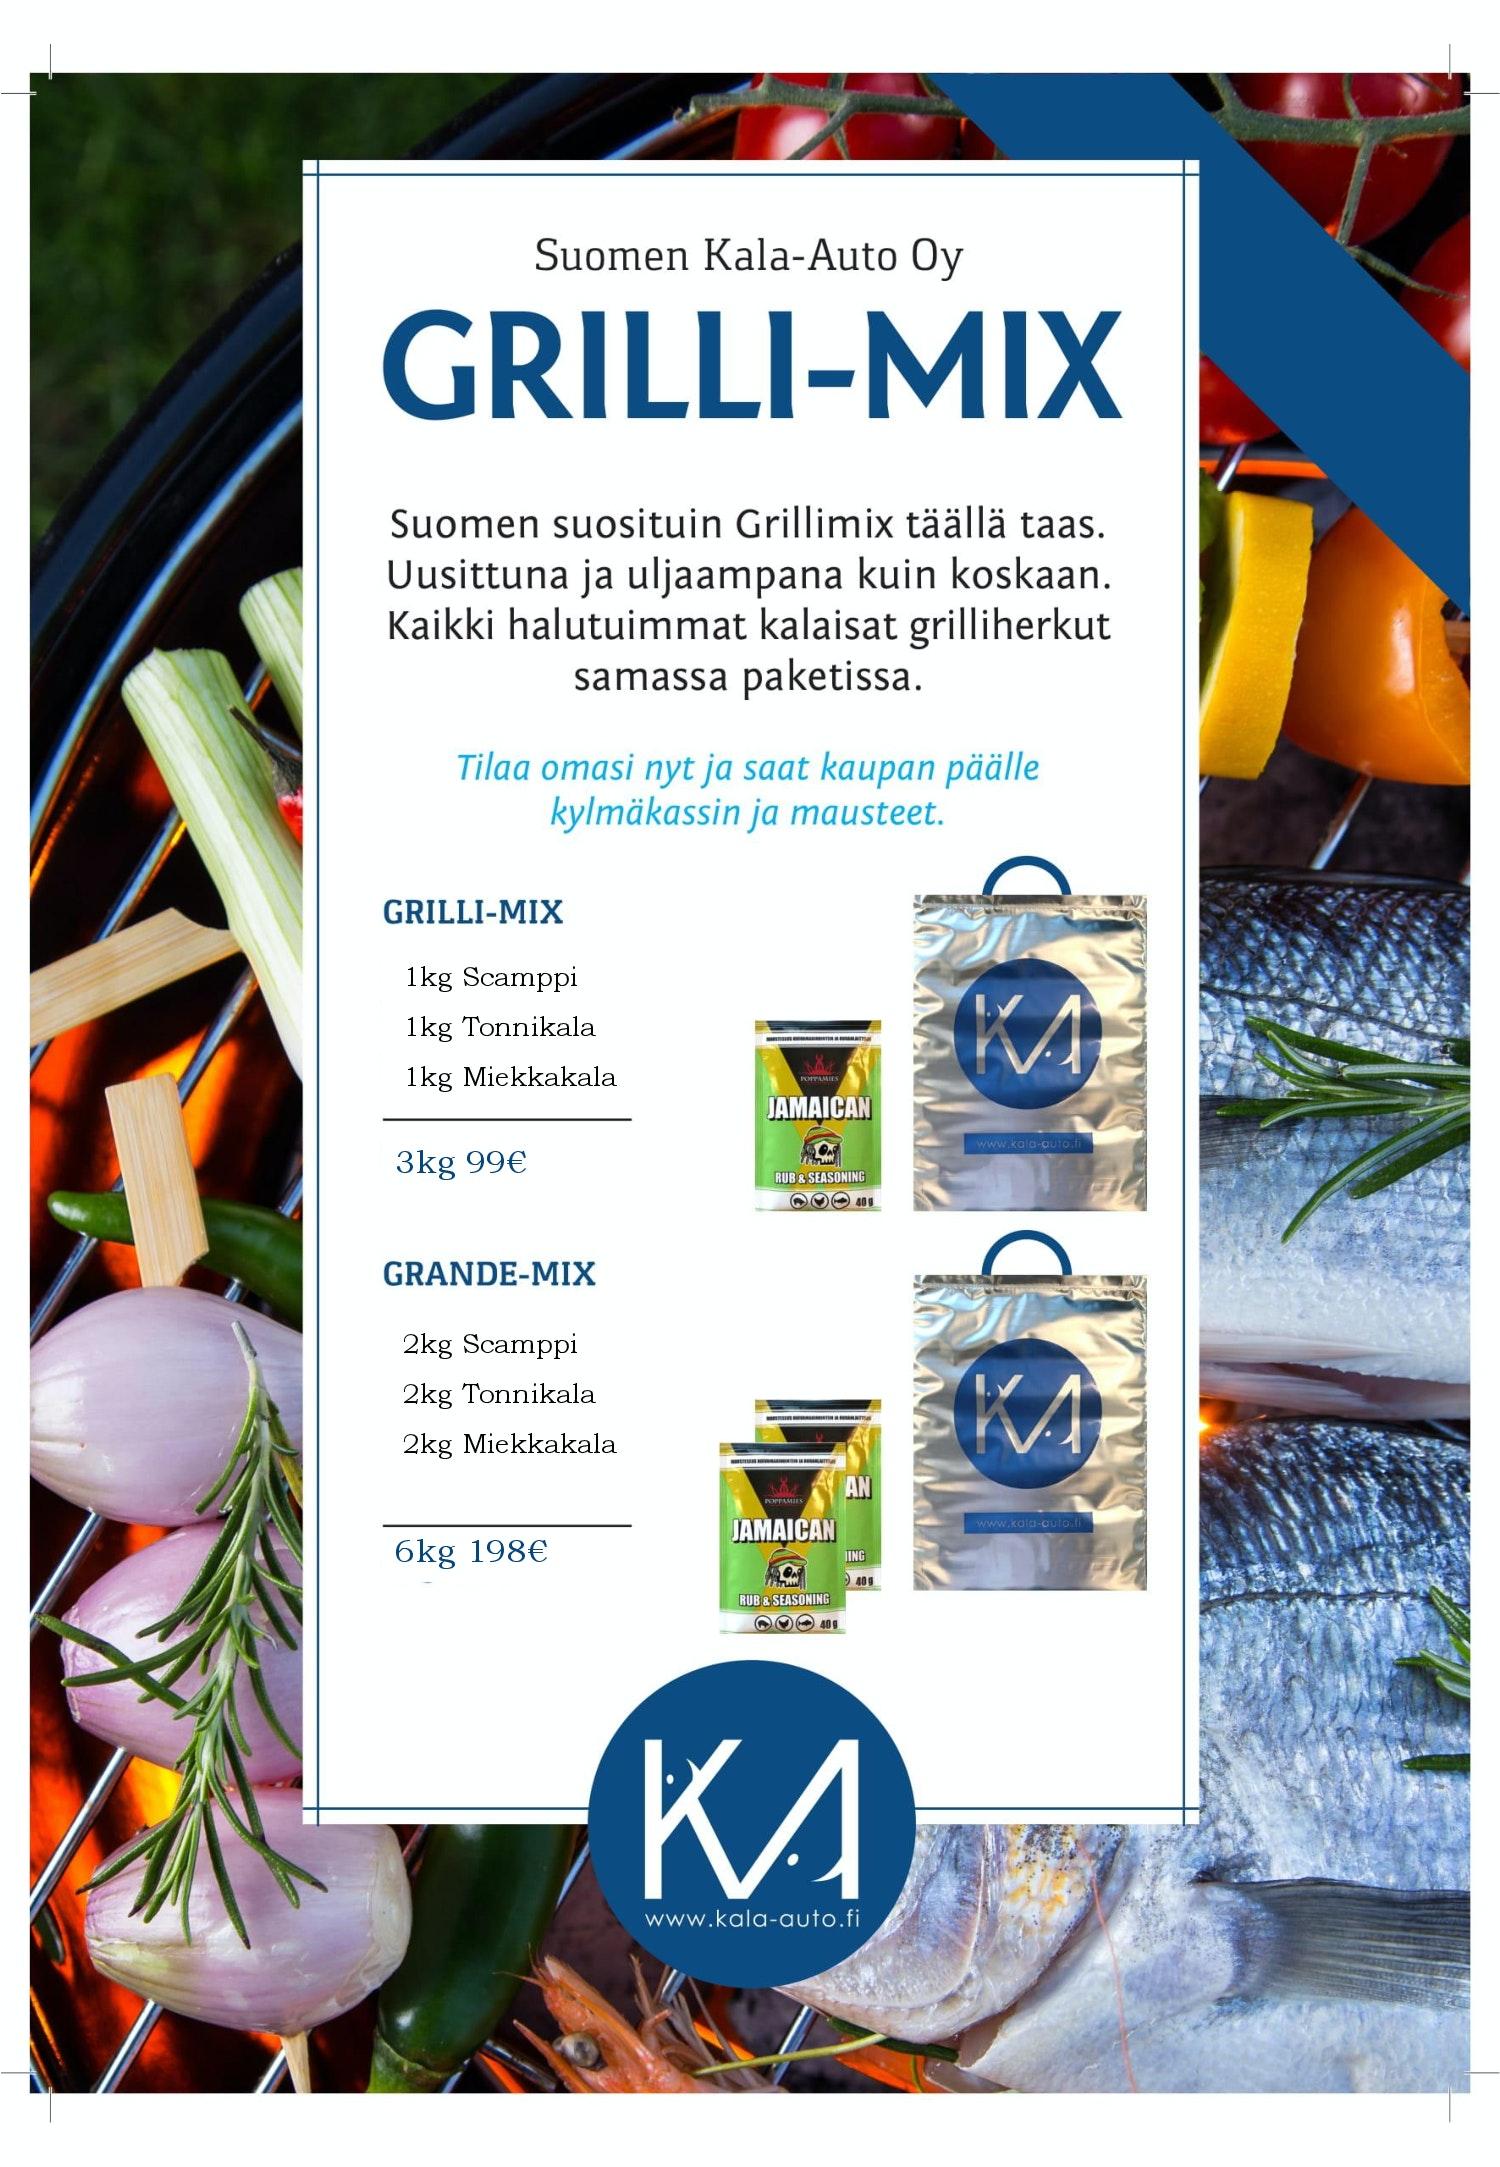 Grilli-Mix